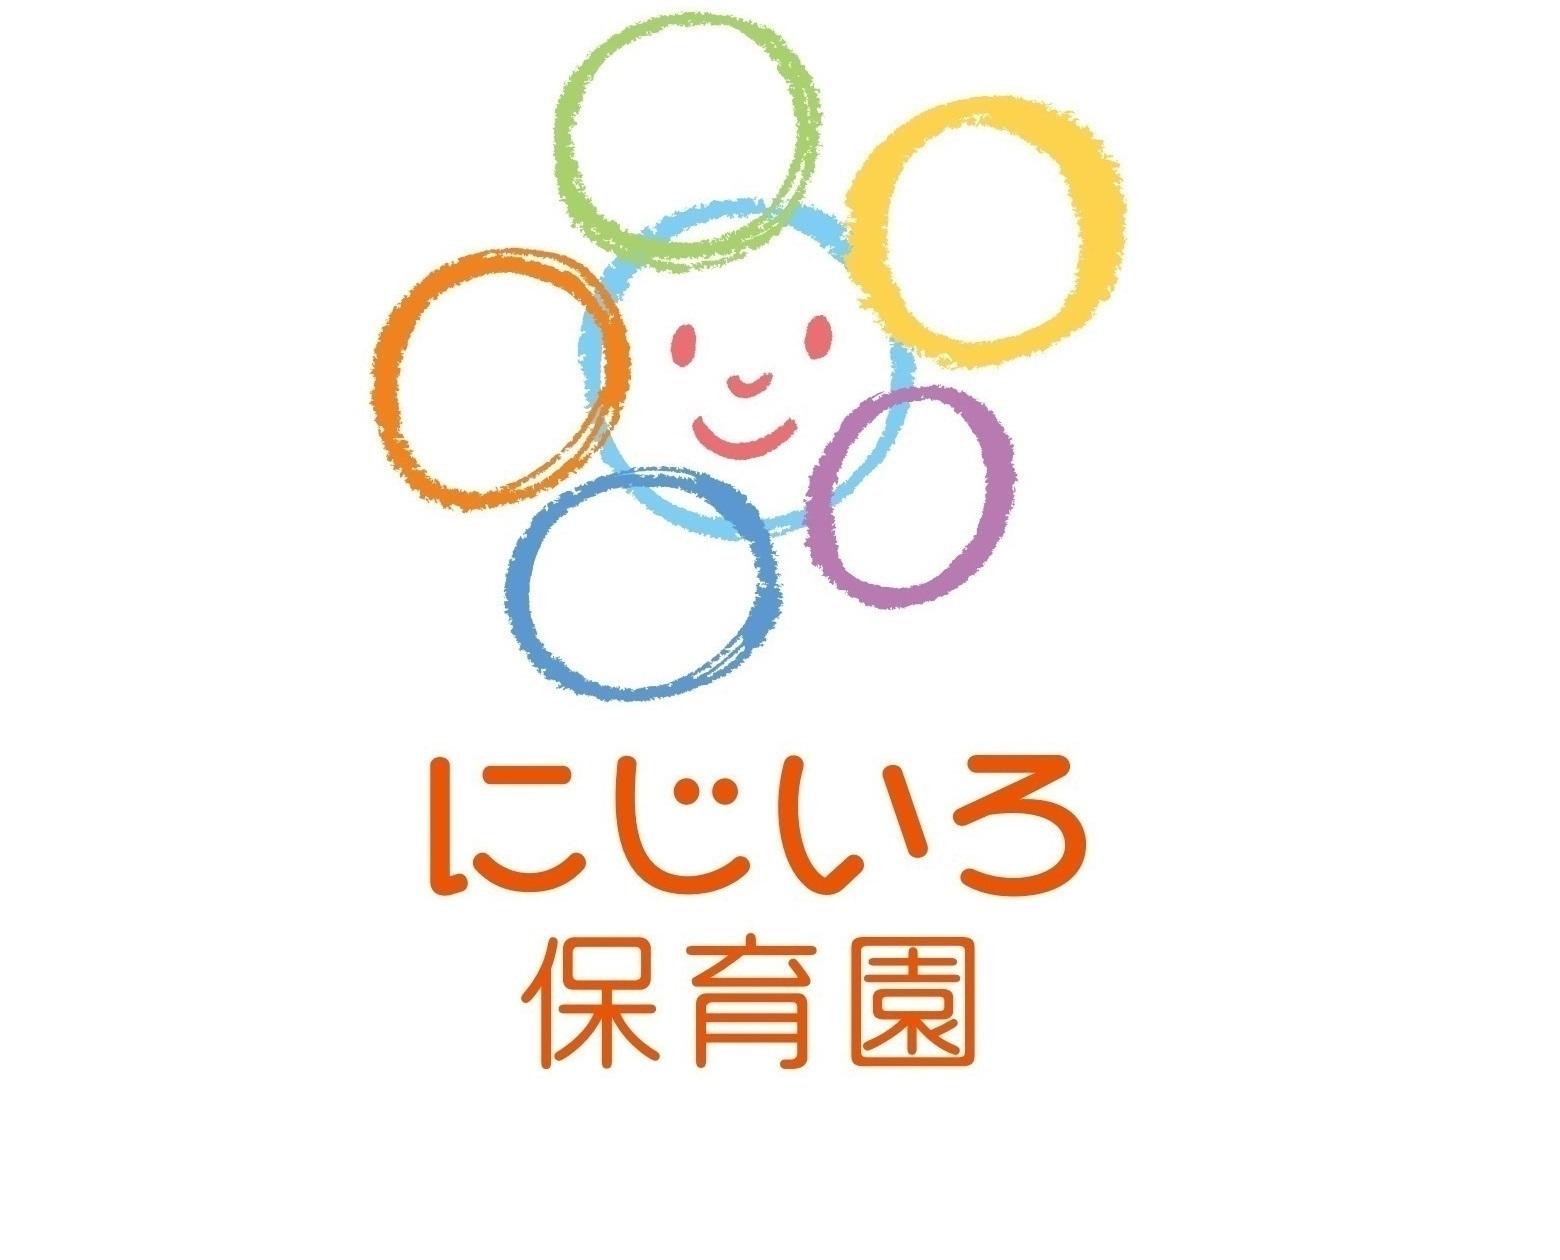 2018年4月開園予定オープニングスタッフ大量募集!にじいろ保育園稲田堤(仮称)